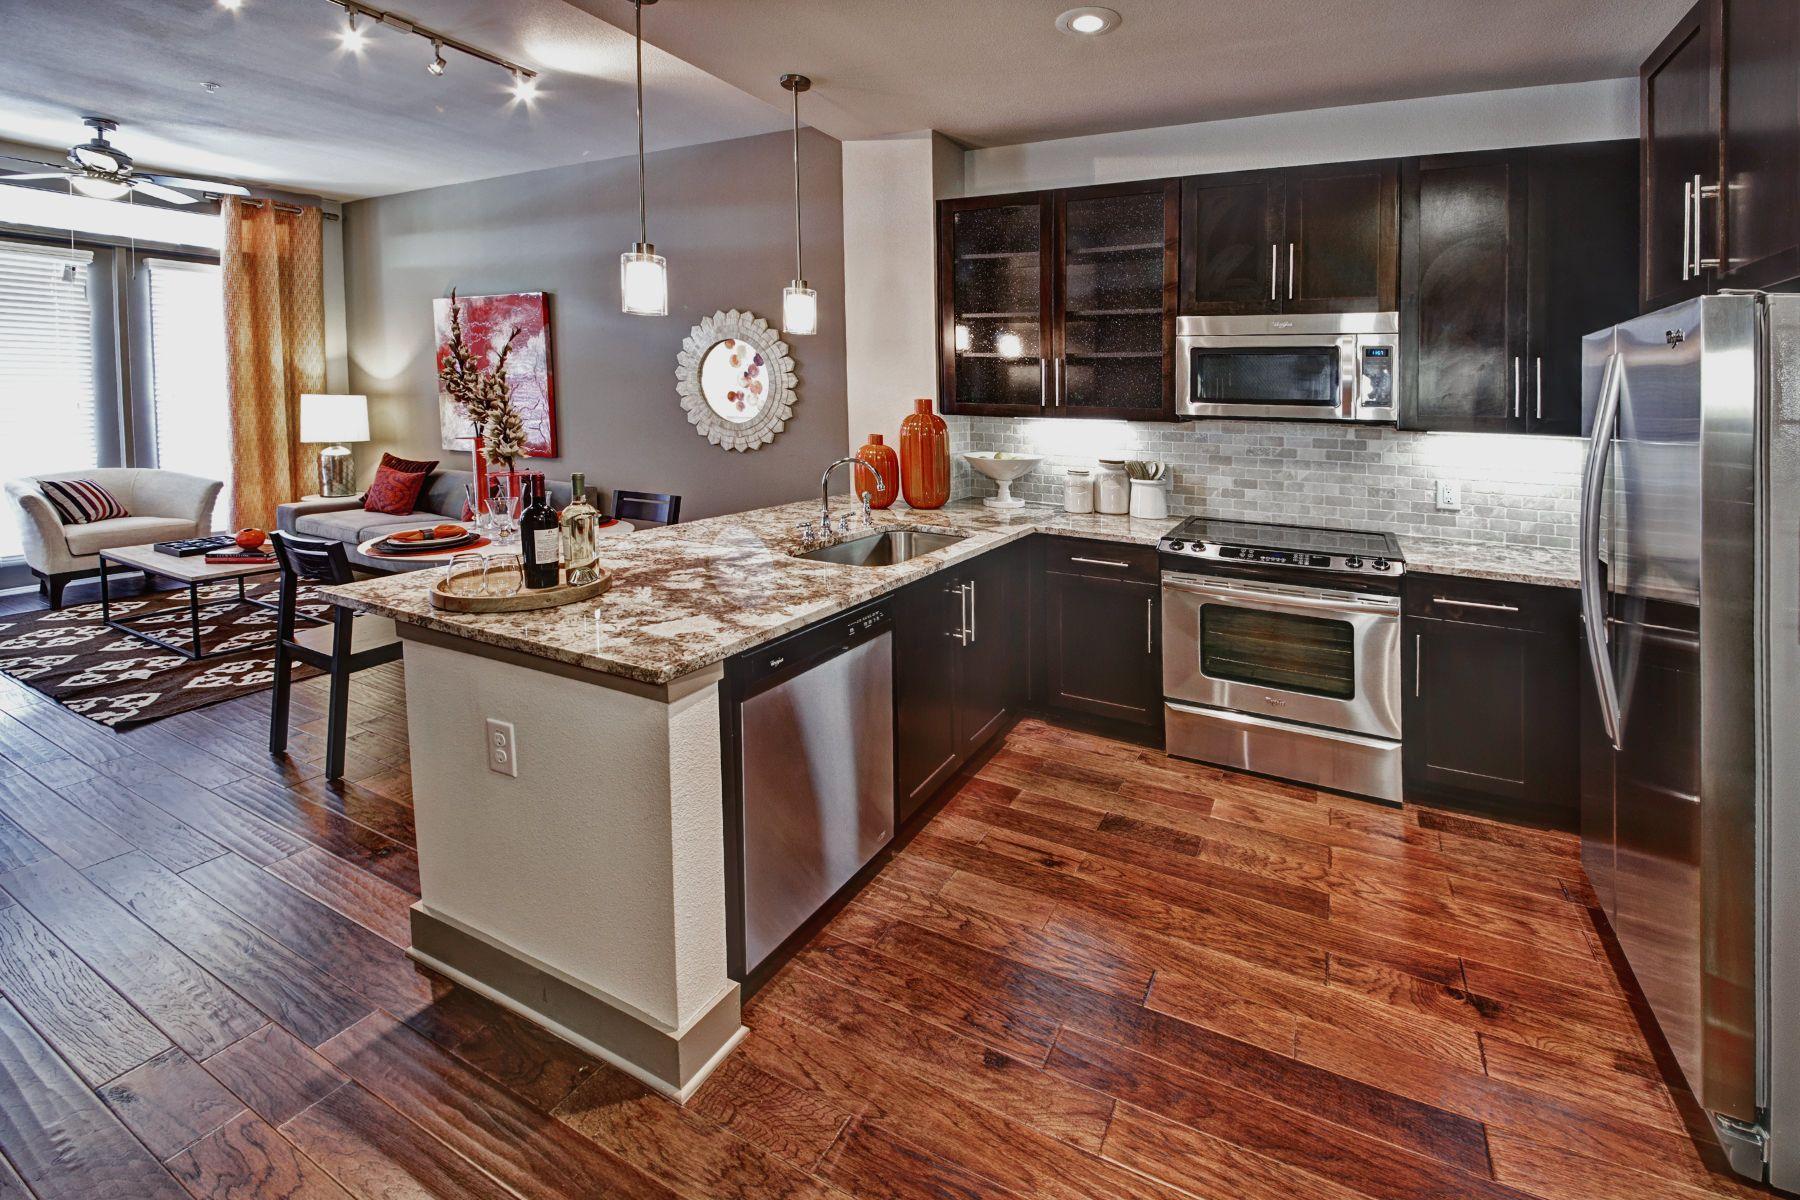 Virage Houston Apartment Photos Apartments Houston